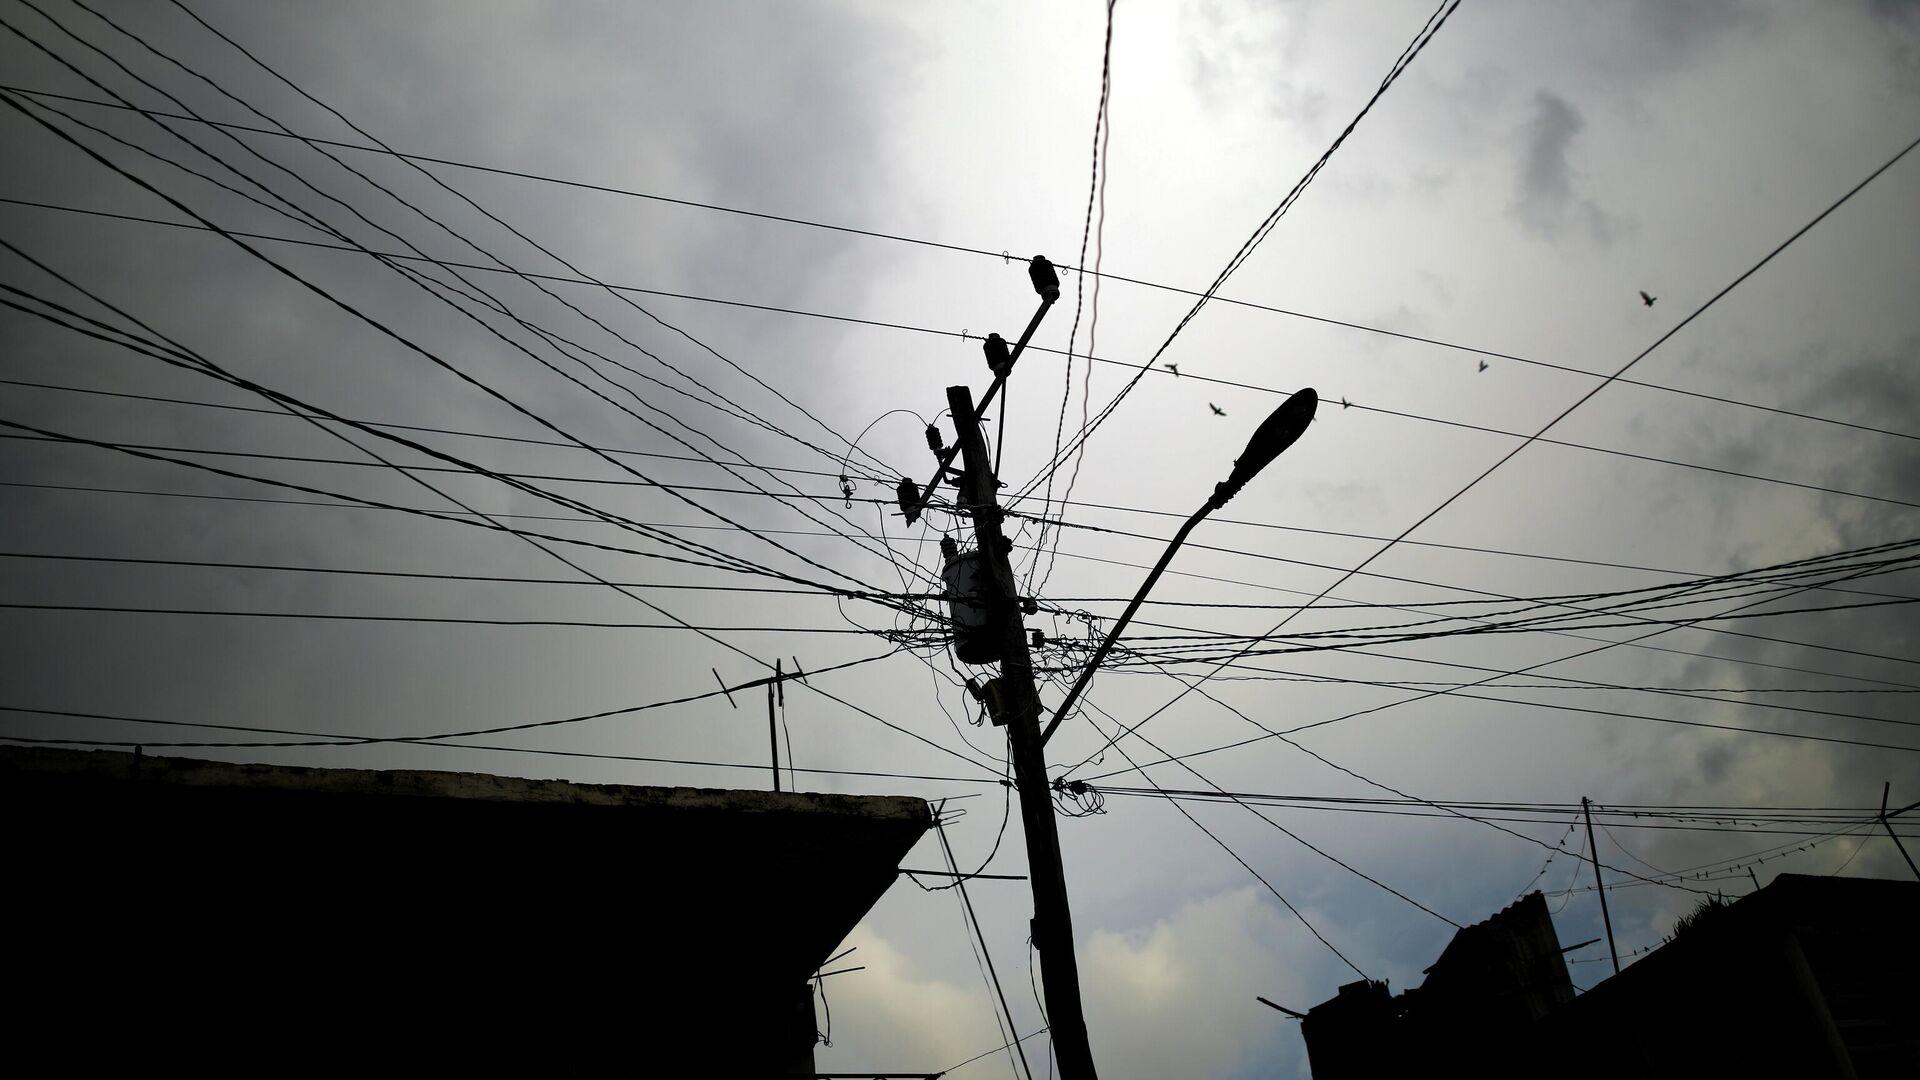 Los cables de electricidad en Cuba - Sputnik Mundo, 1920, 19.09.2021